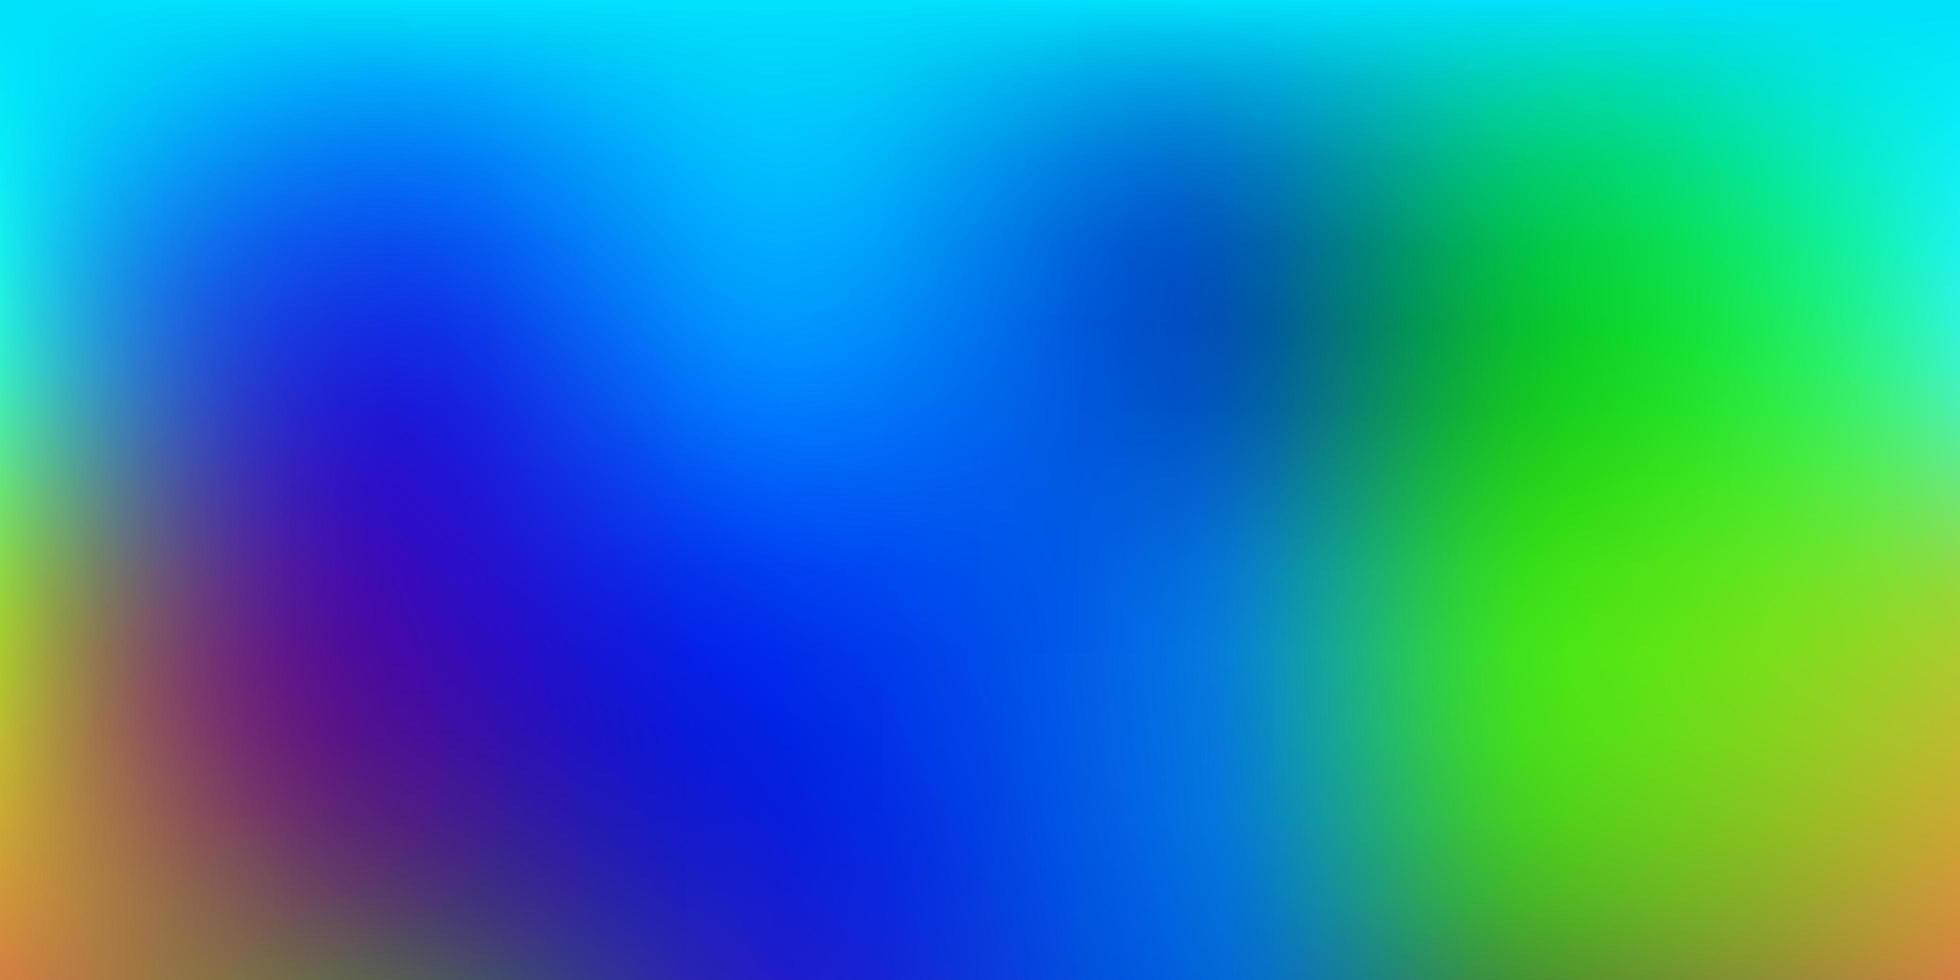 sfondo sfocato vettoriale multicolore chiaro.